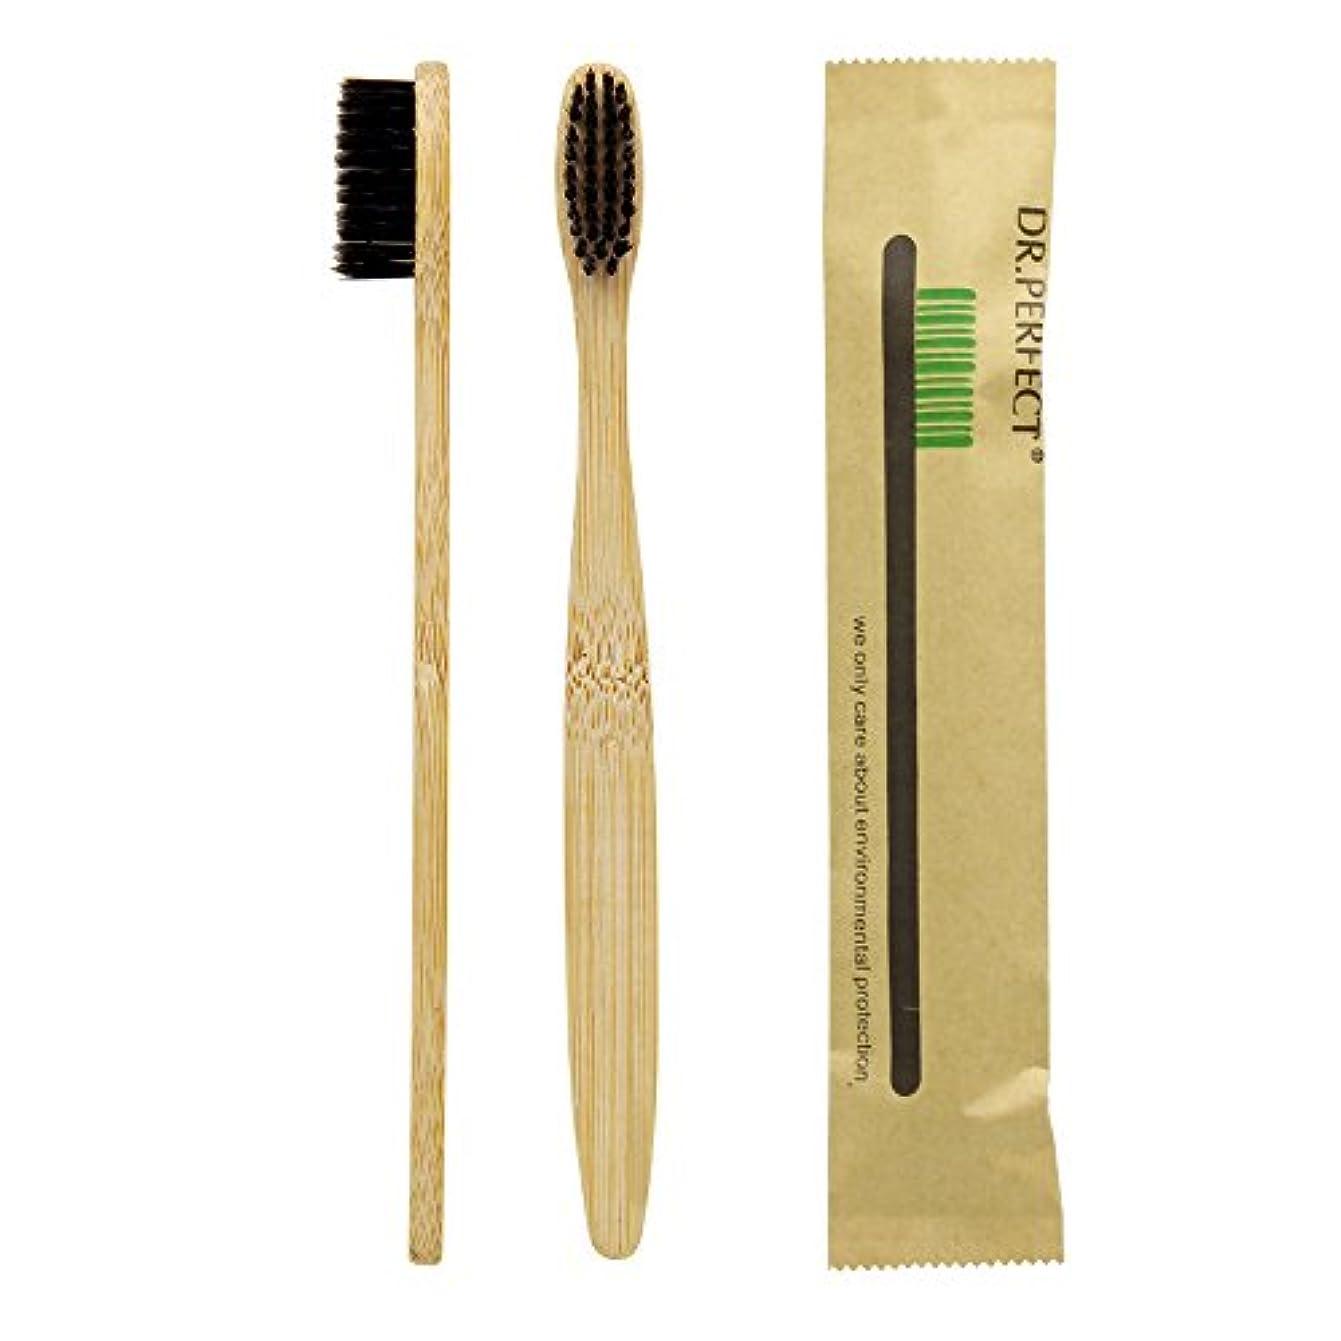 ハウスペイントすみませんDr.Perfect 歯ブラシ 竹歯ブラシアダルト竹の歯ブラシ ナイロン毛 環境保護の歯ブラシ (ブラック)